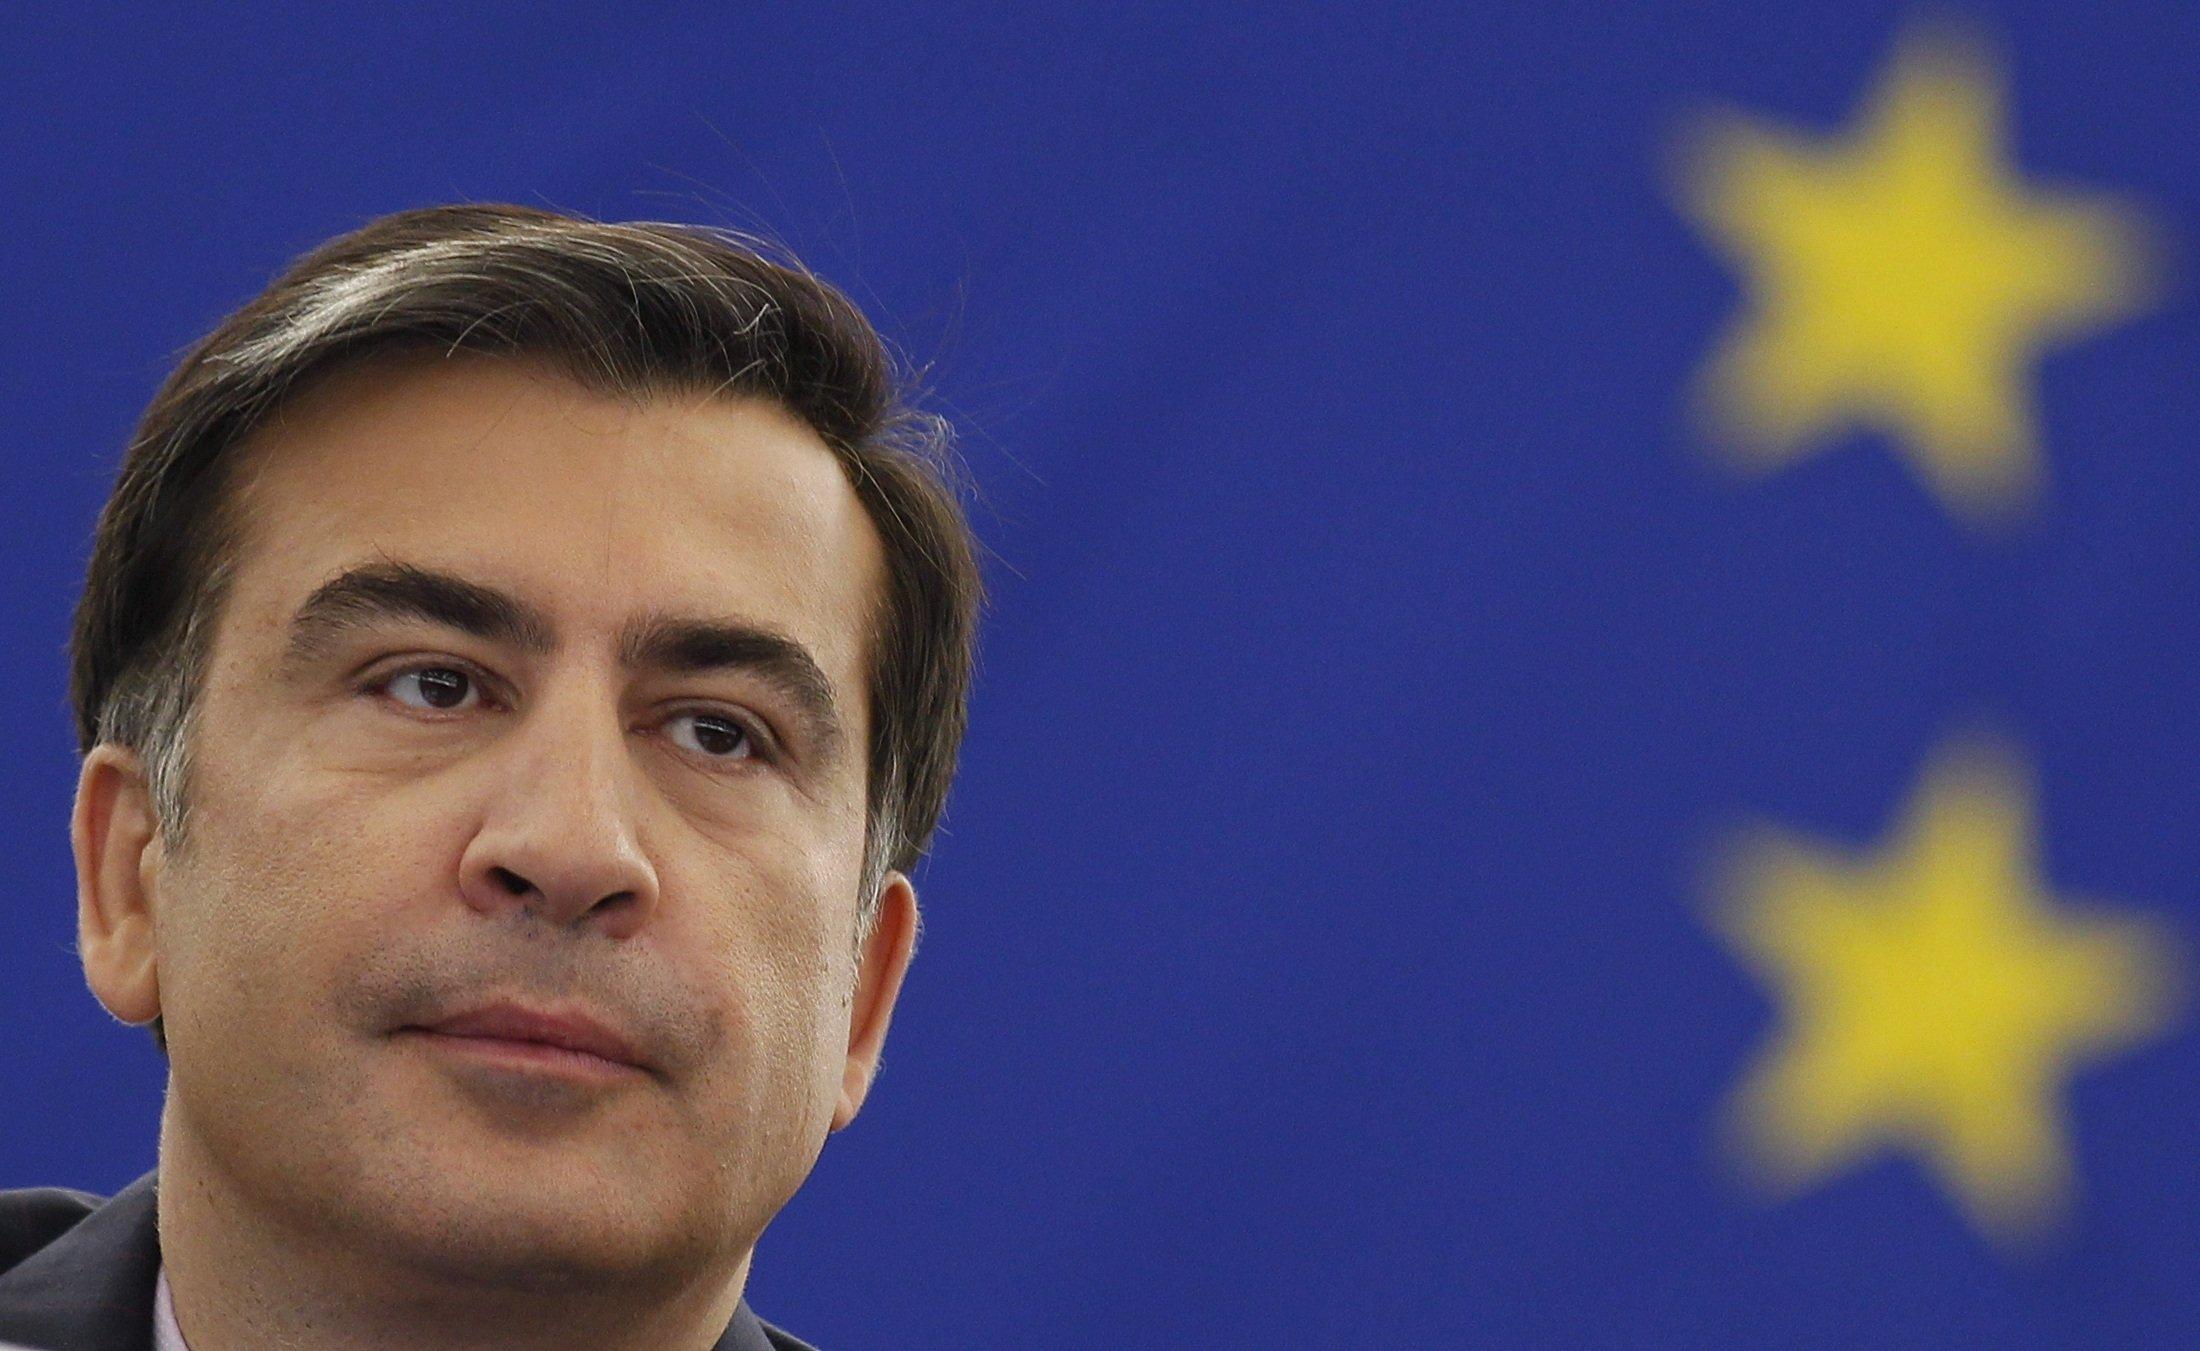 того, молодой саакашвили фото продолжаем следить выступлениями